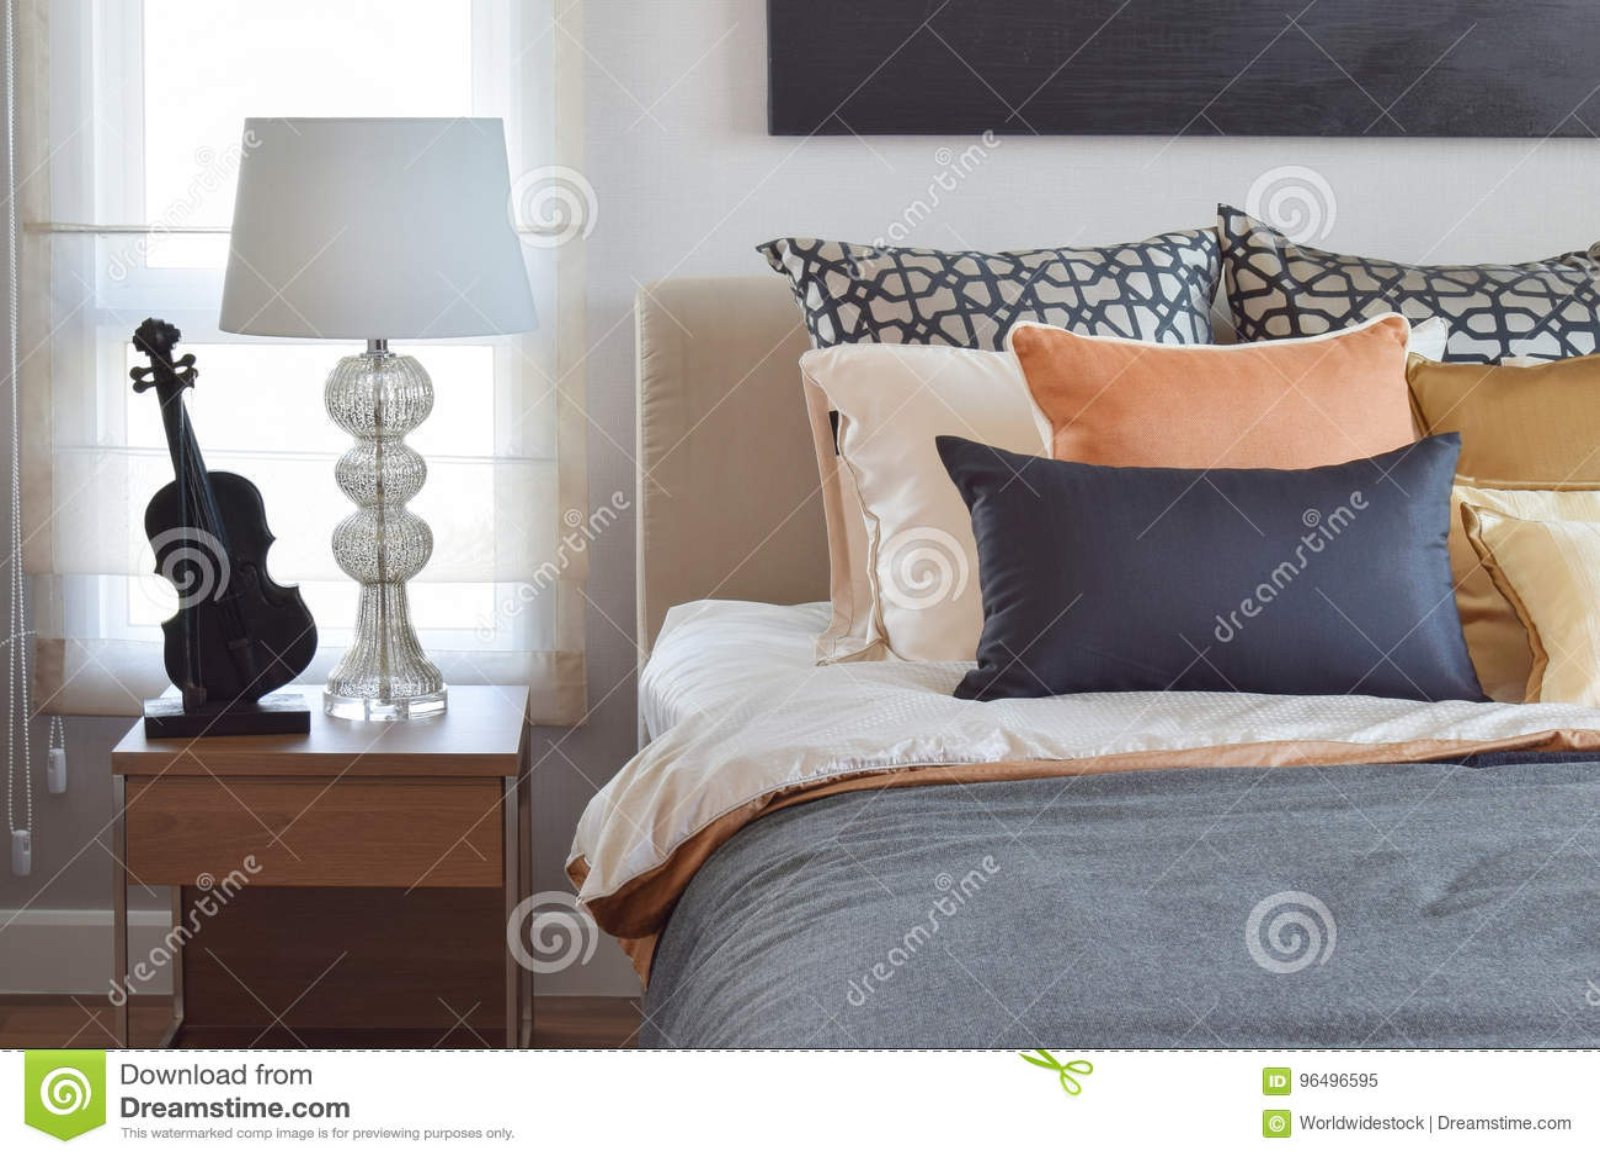 El interior moderno del dormitorio con la naranja y el oro soporta en cama y la lámpara de mesa